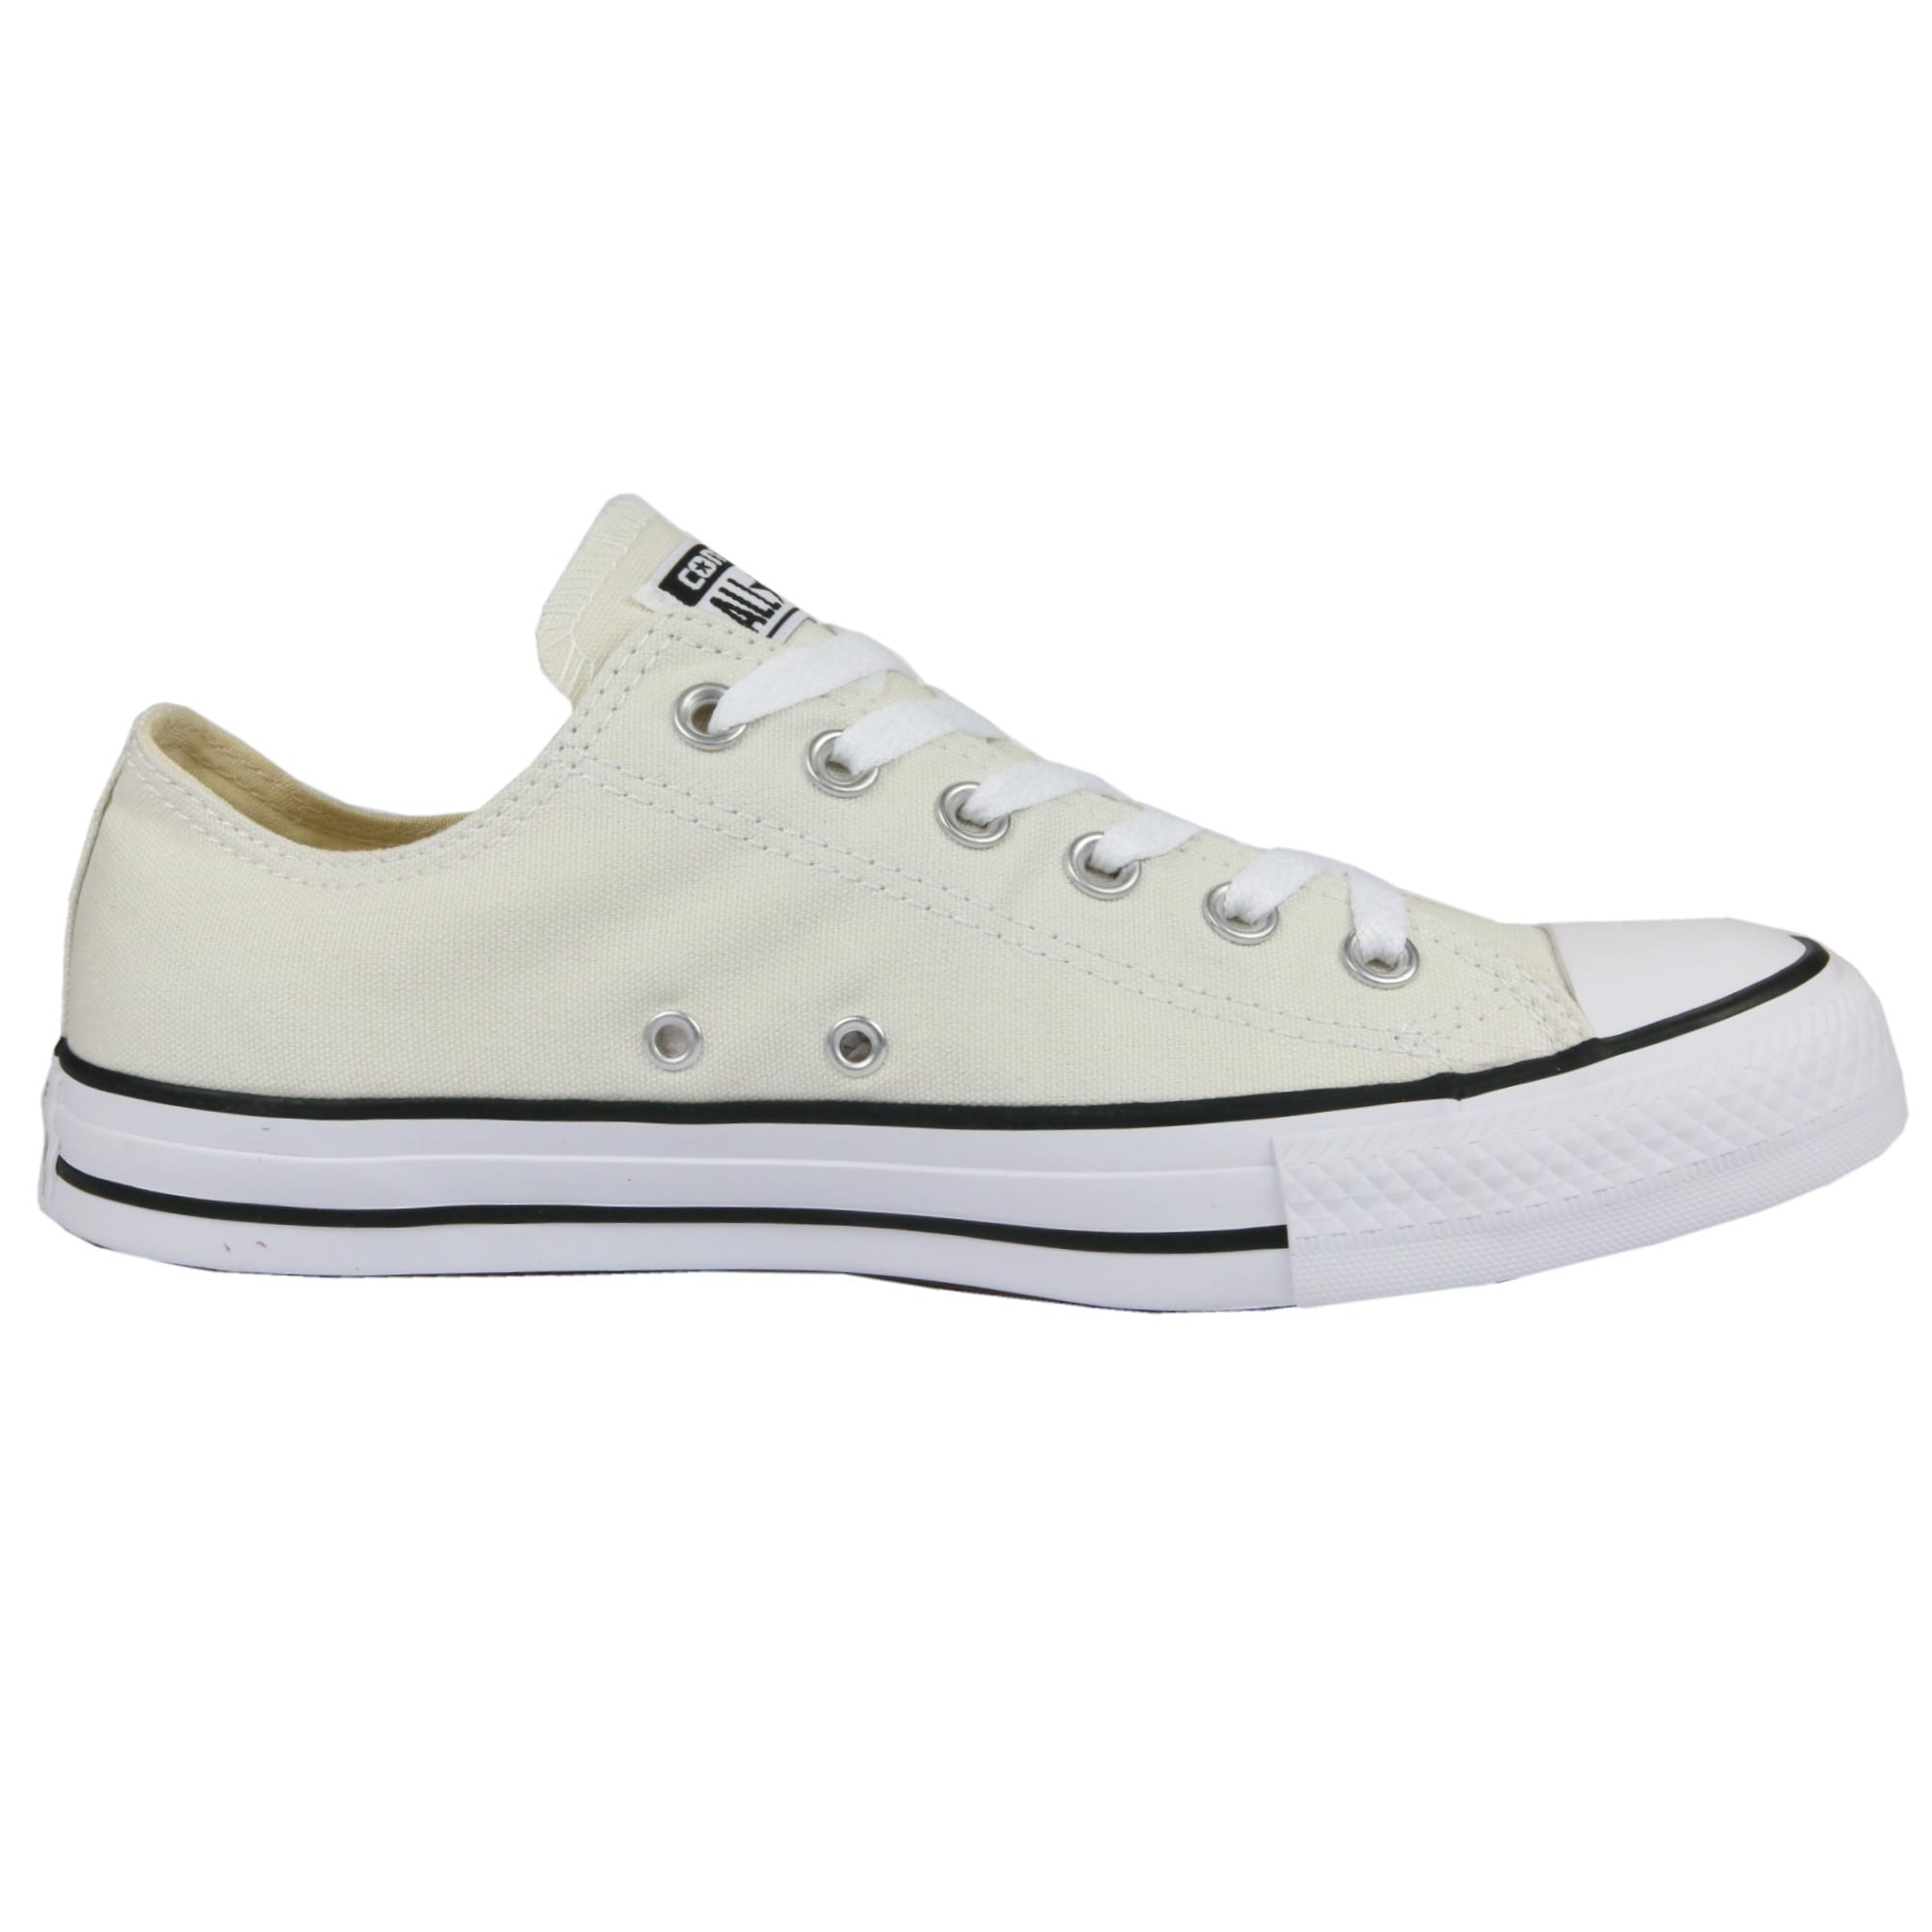 ac16218e44a7 ... Converse Chuck Taylor All Star Ox zapatos zapatillas cortos señora  caballero ...